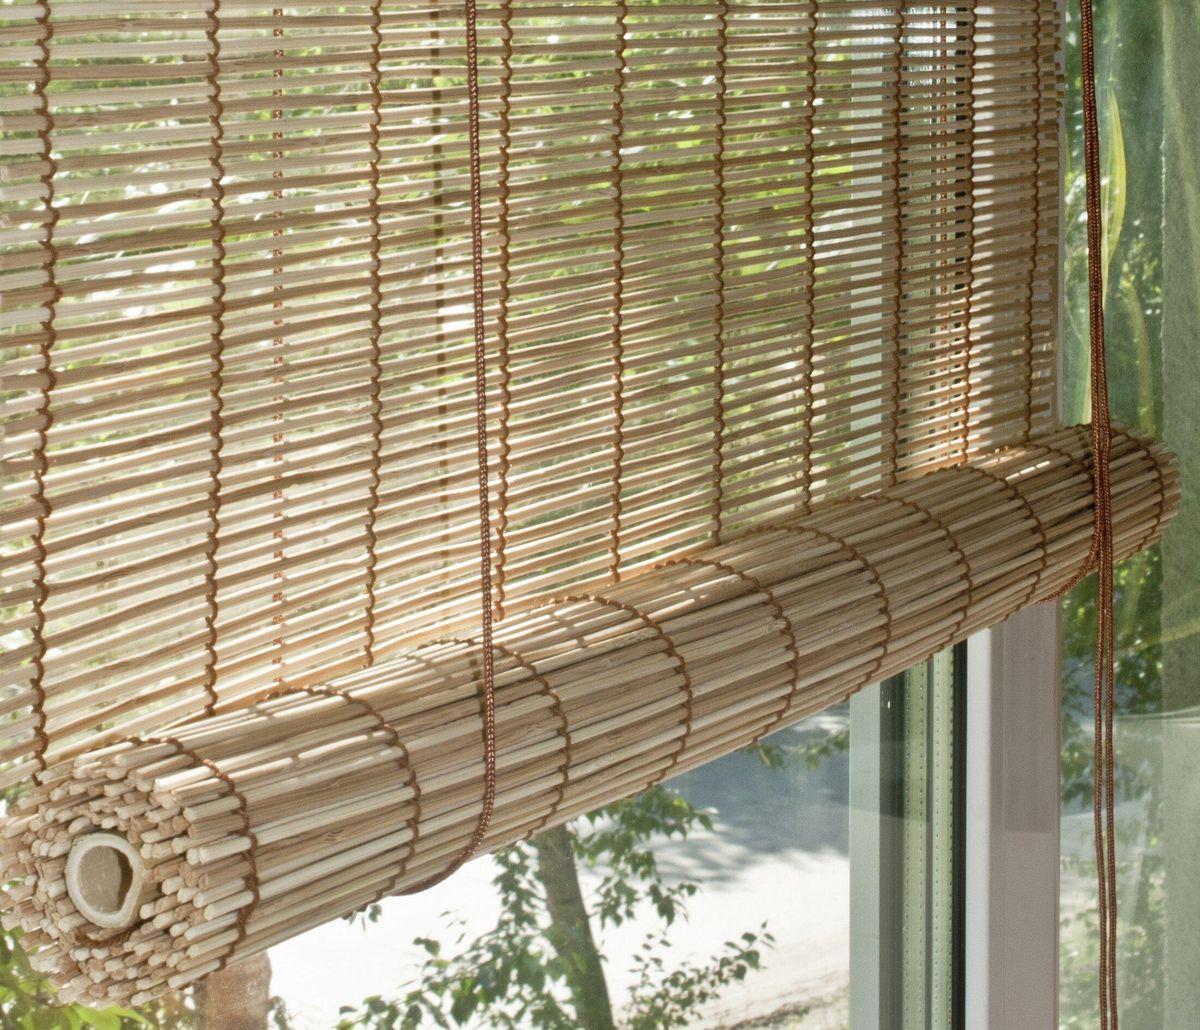 Штора рулонная Эскар Бамбук, цвет: натуральный микс, ширина 60 см, высота 160 см71909060180При оформлении интерьера современных помещений многие отдают предпочтение природным материалам. Бамбуковые рулонные шторыЭскар Бамбук - одно из натуральных изделий, способное сделать атмосферу помещения более уютной и в то же время необычной. Свойства бамбука уникальны: он экологически чист, так как быстро вырастает, благодаря чему не успевает накопить вредные вещества из окружающей среды. Кроме того, растение обладает противомикробным и антибактериальным действием. Занавеси из бамбука безопасно использовать в помещениях, где находятся новорожденные дети и люди, склонные к аллергии. Они незаменимы для тех, кто заботится о своем здоровье и уделяет внимание высокому уровню жизни.